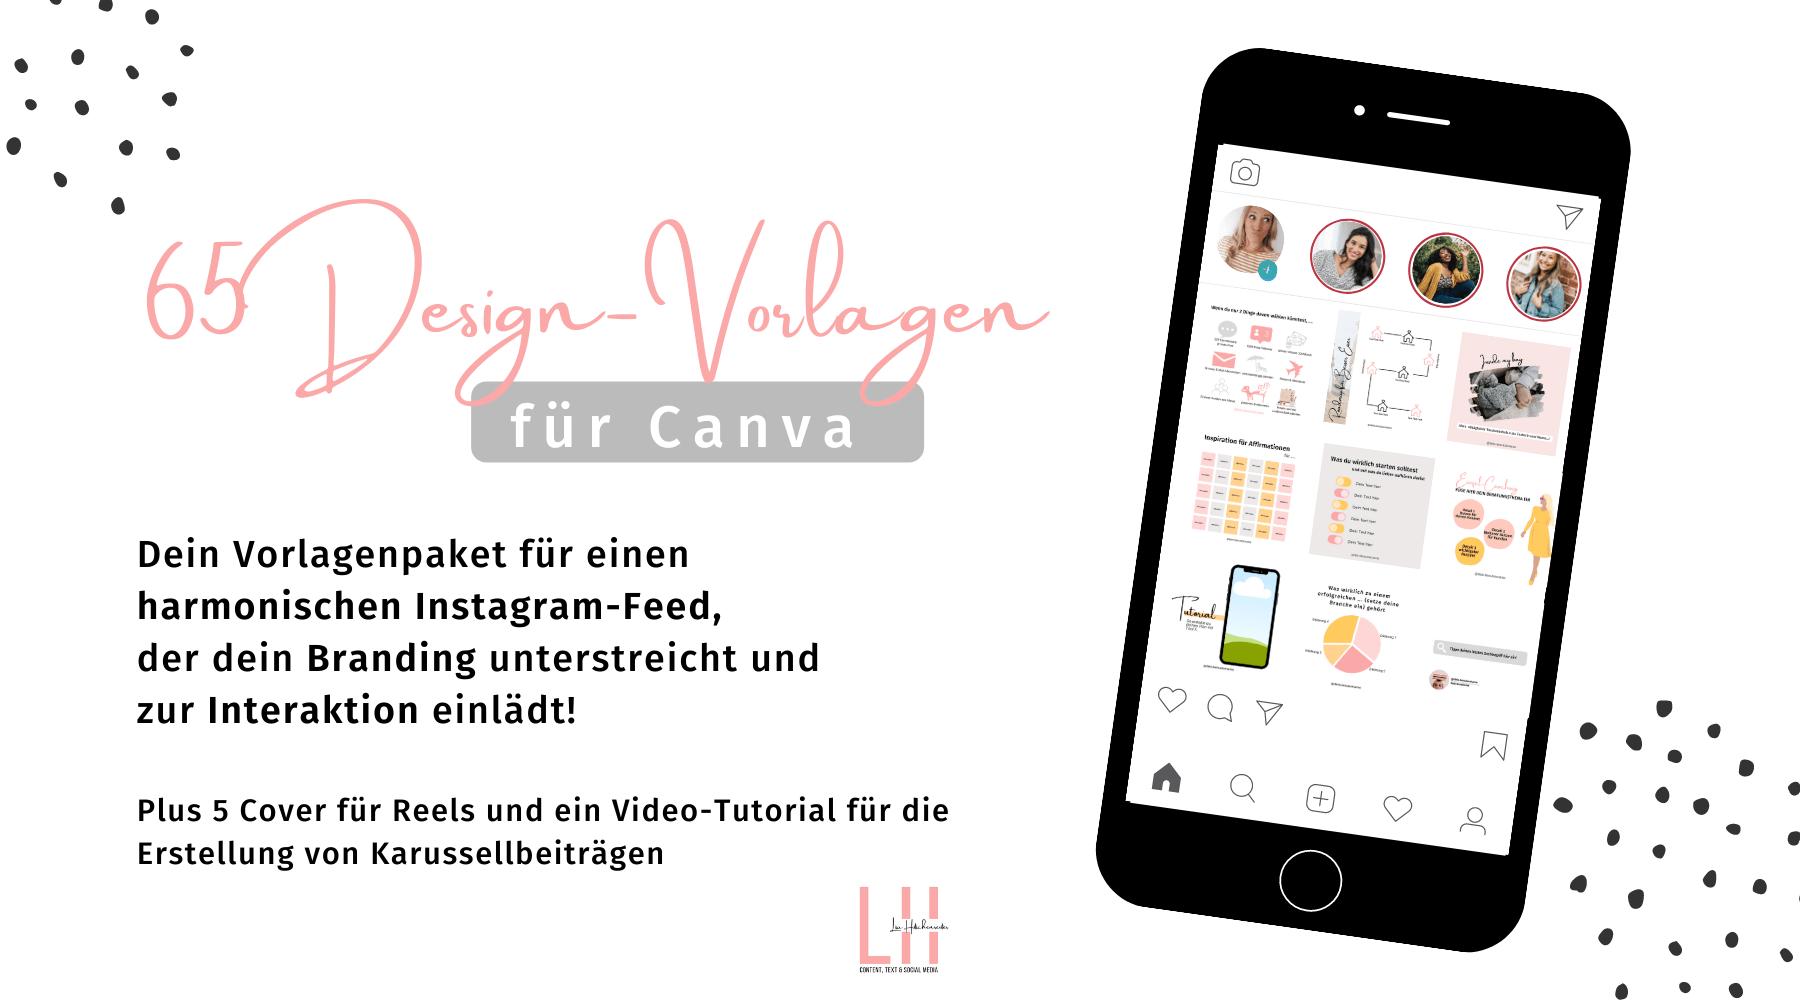 Design-Vorlagen Instagram Templates Vorlagen in Canva für Selbstständige Coaches und Freelancer Cover Titelbild Insta